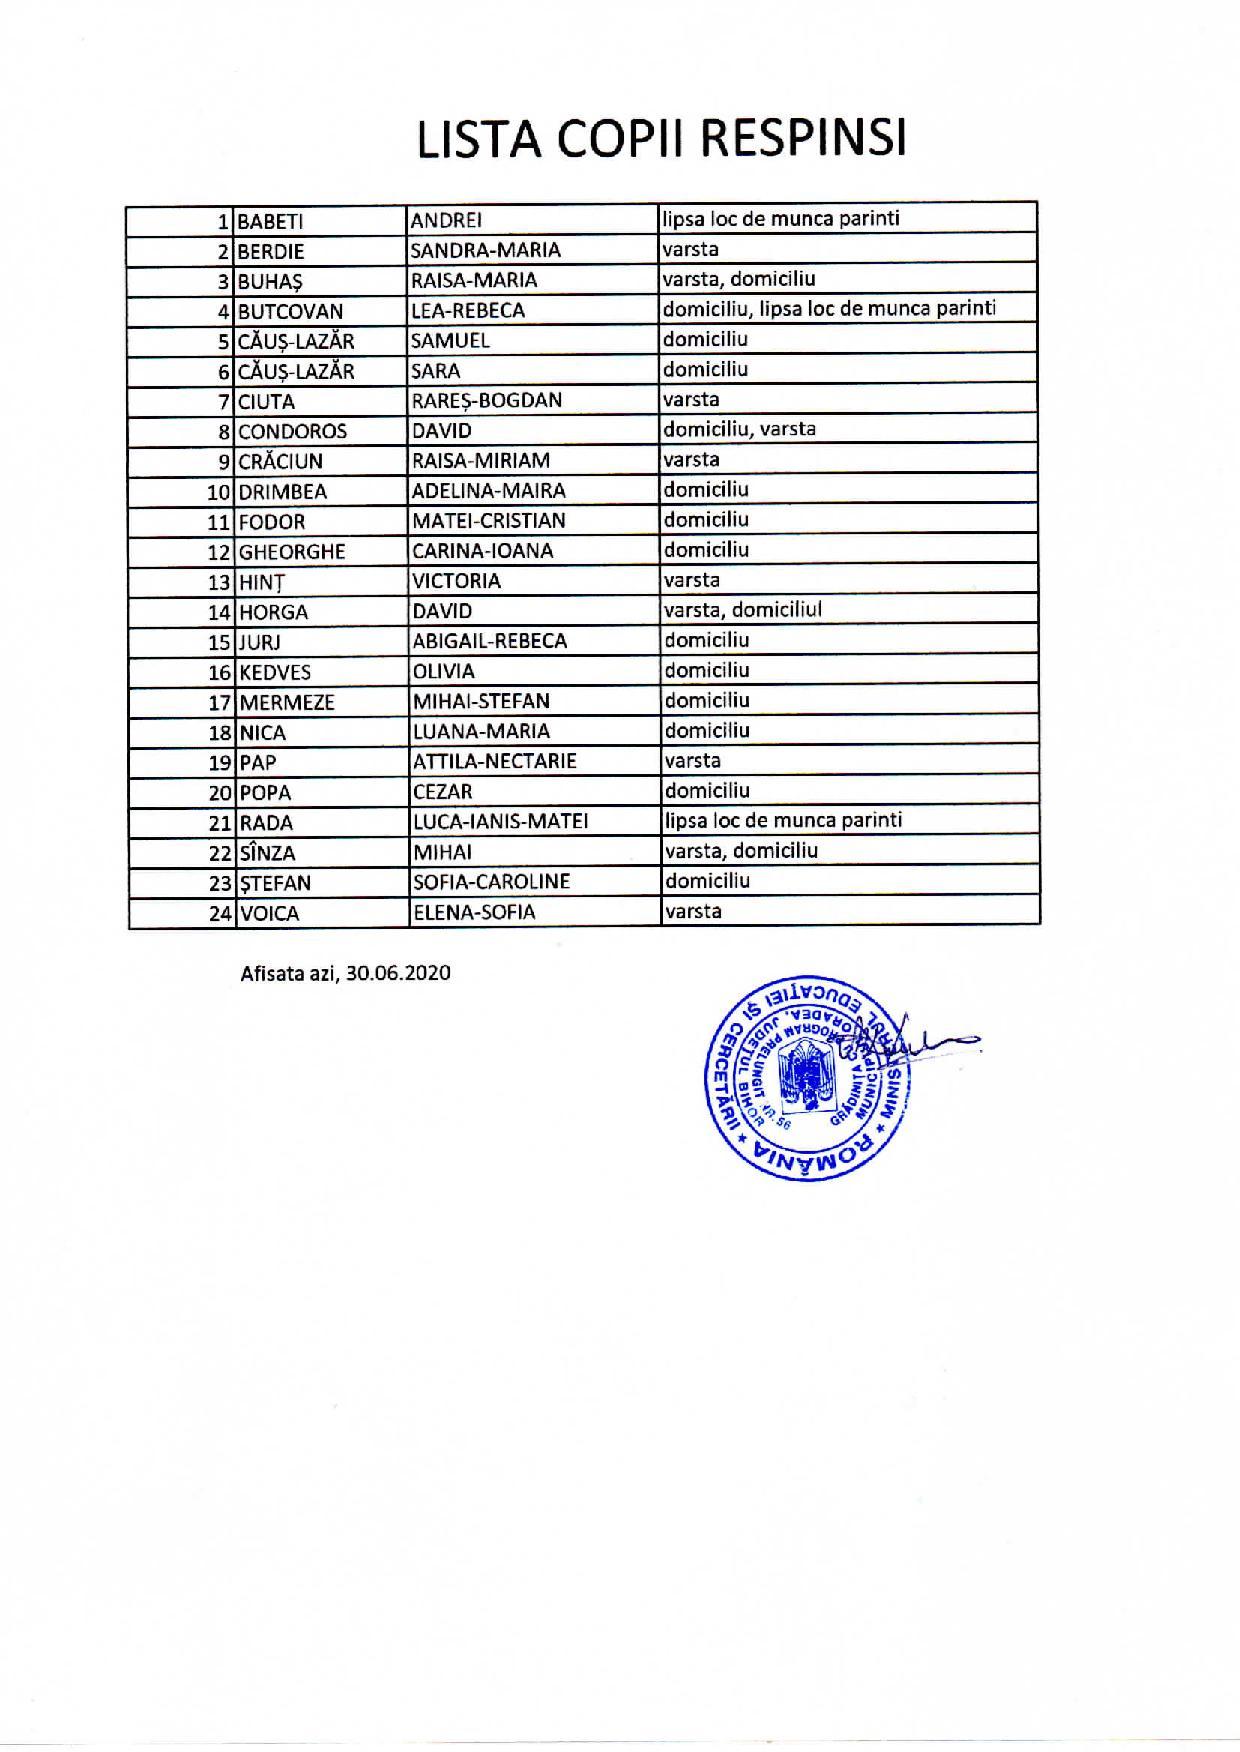 lista copii respinsi-page-001